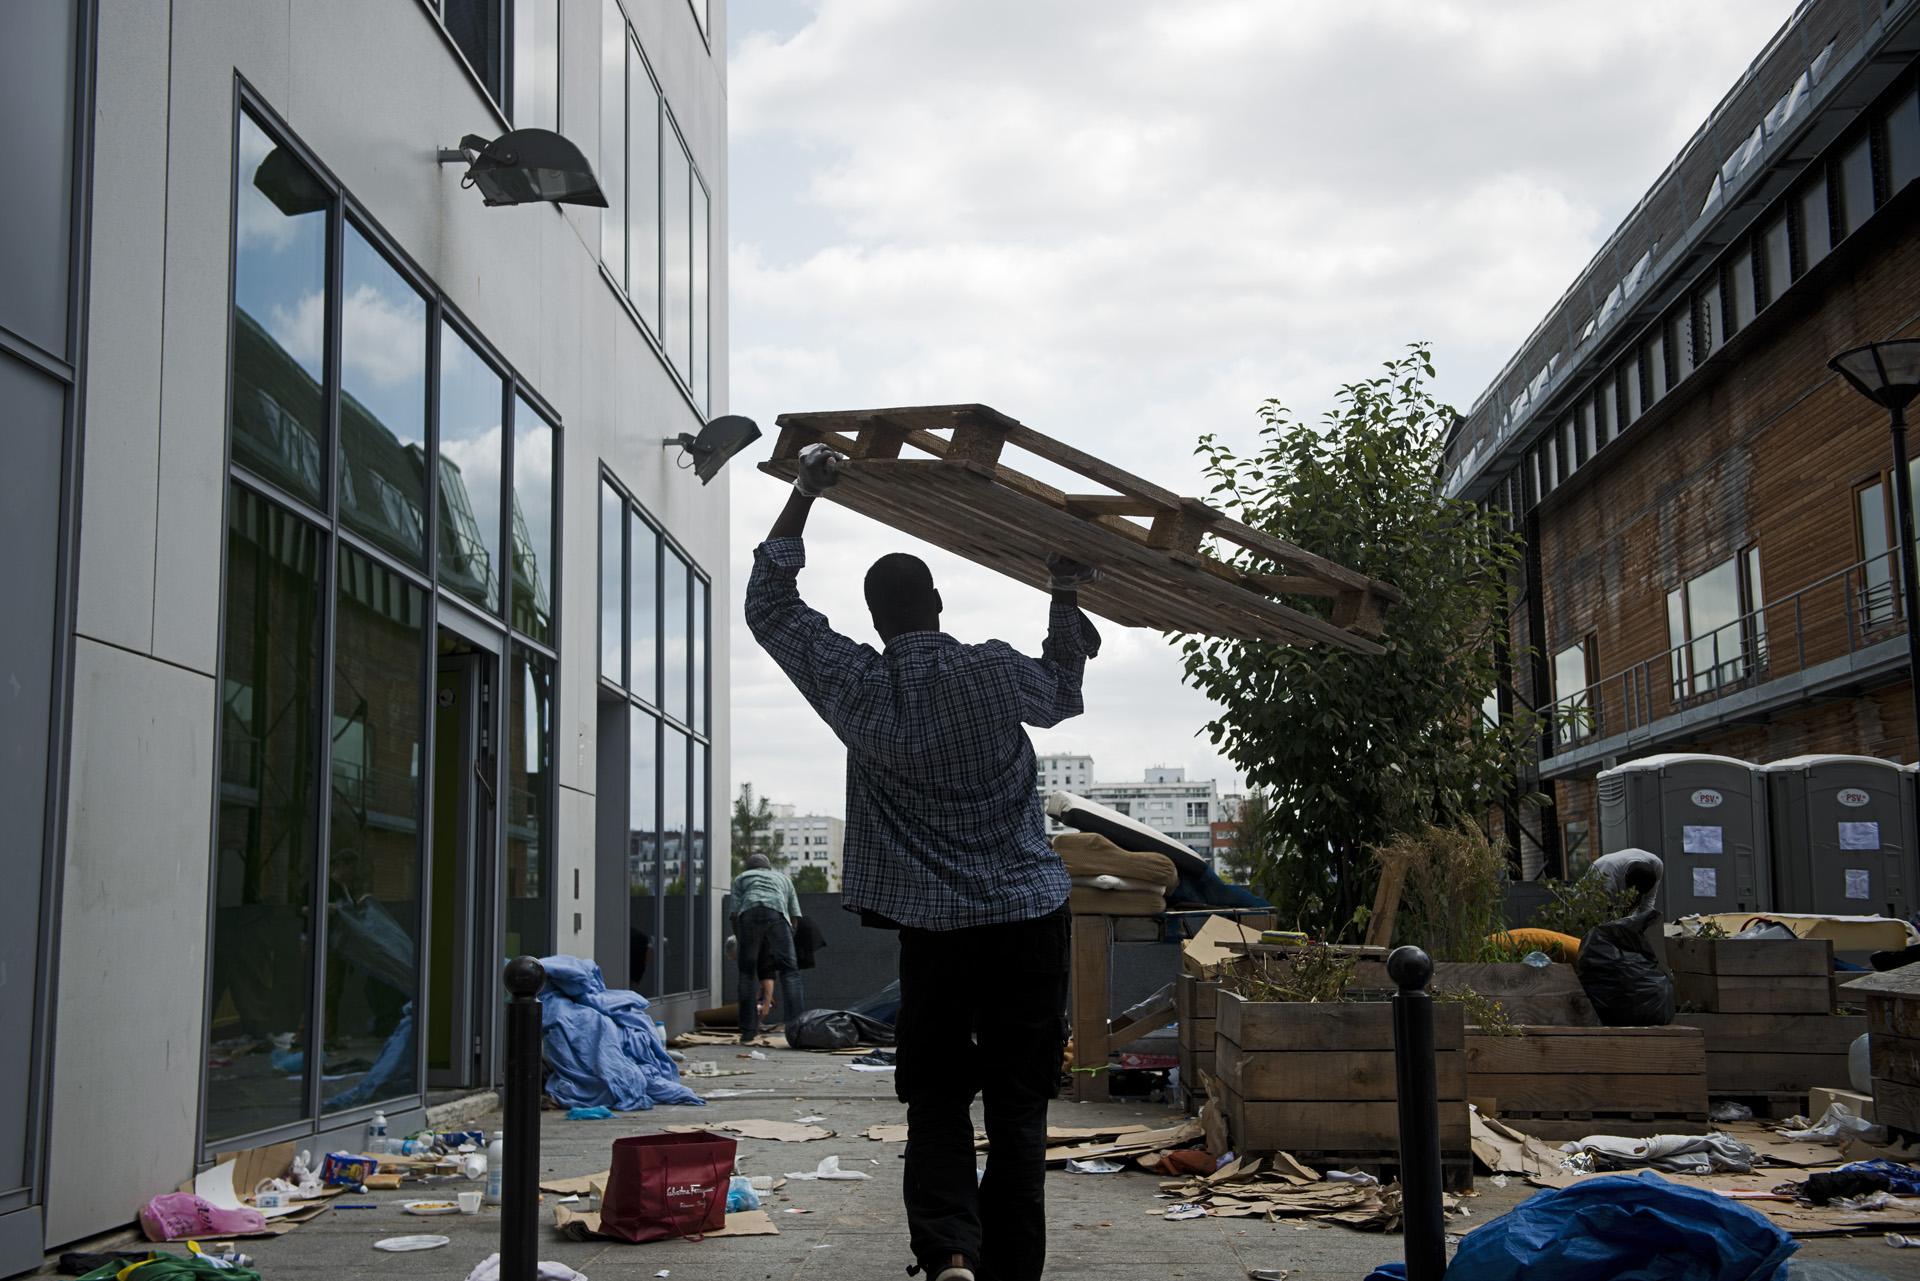 En vue de l'évacuation du campement, des soutiens mettent à l'abri les matelas et les palettes avant le passage des services de nettoyage de la ville de Paris qui embarquent tout sur leur passage.Paris 18ème, le 9 juillet 2015.